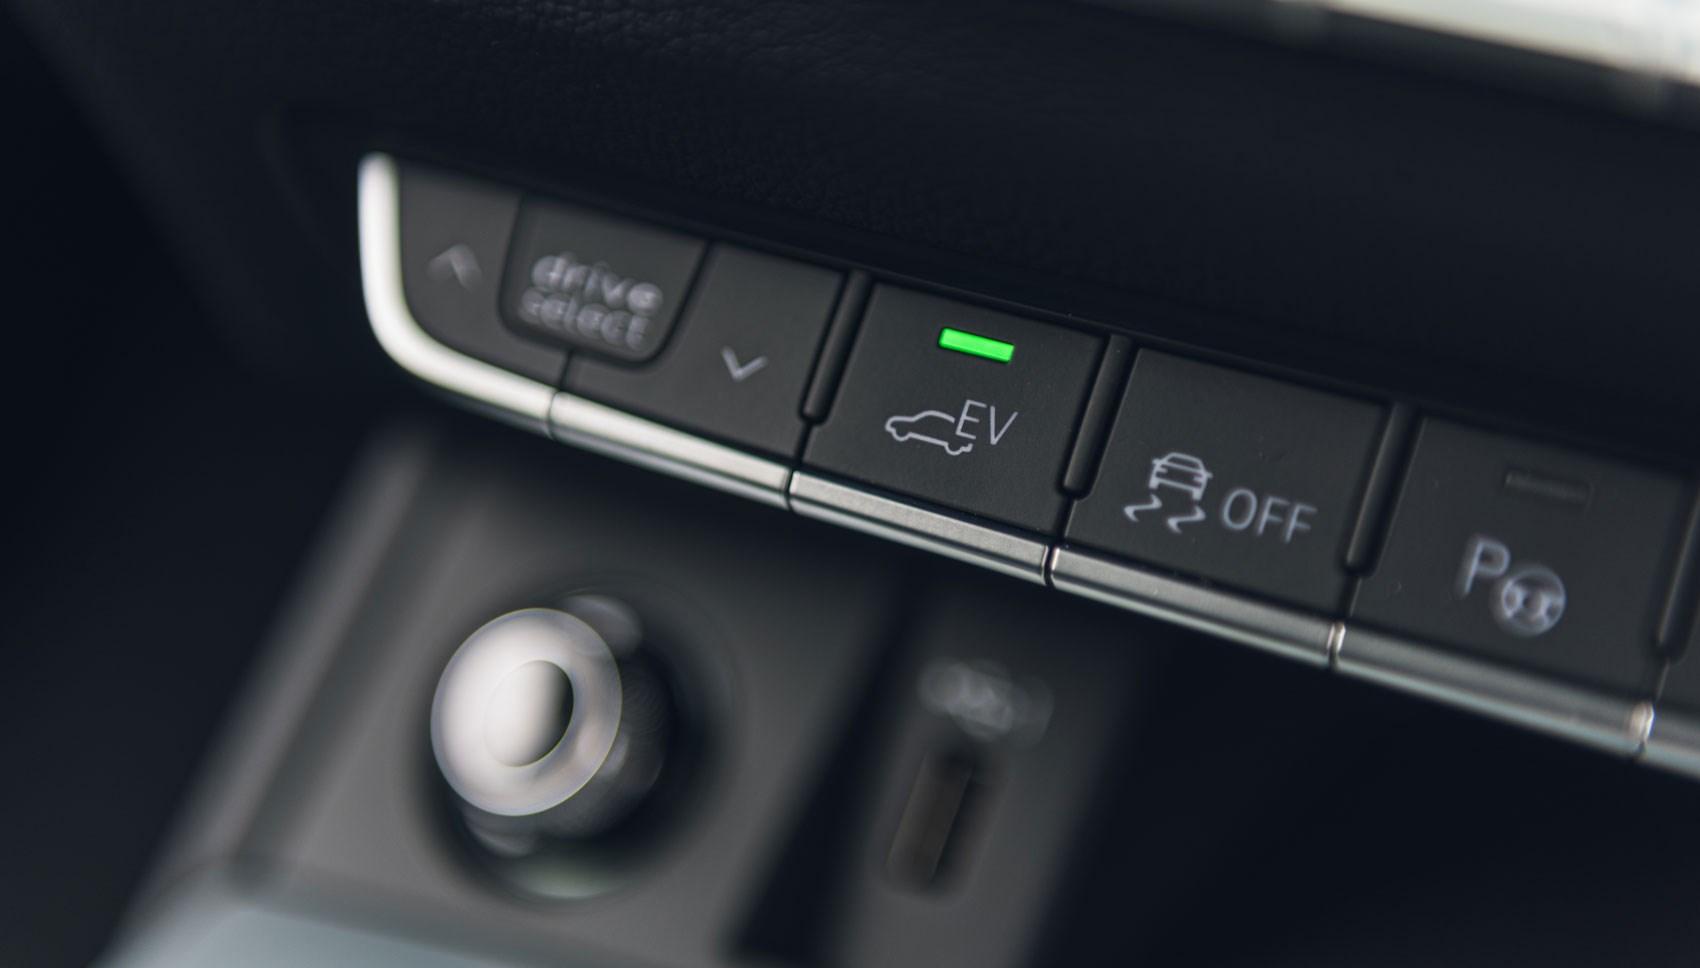 Q5 hybrid ev button